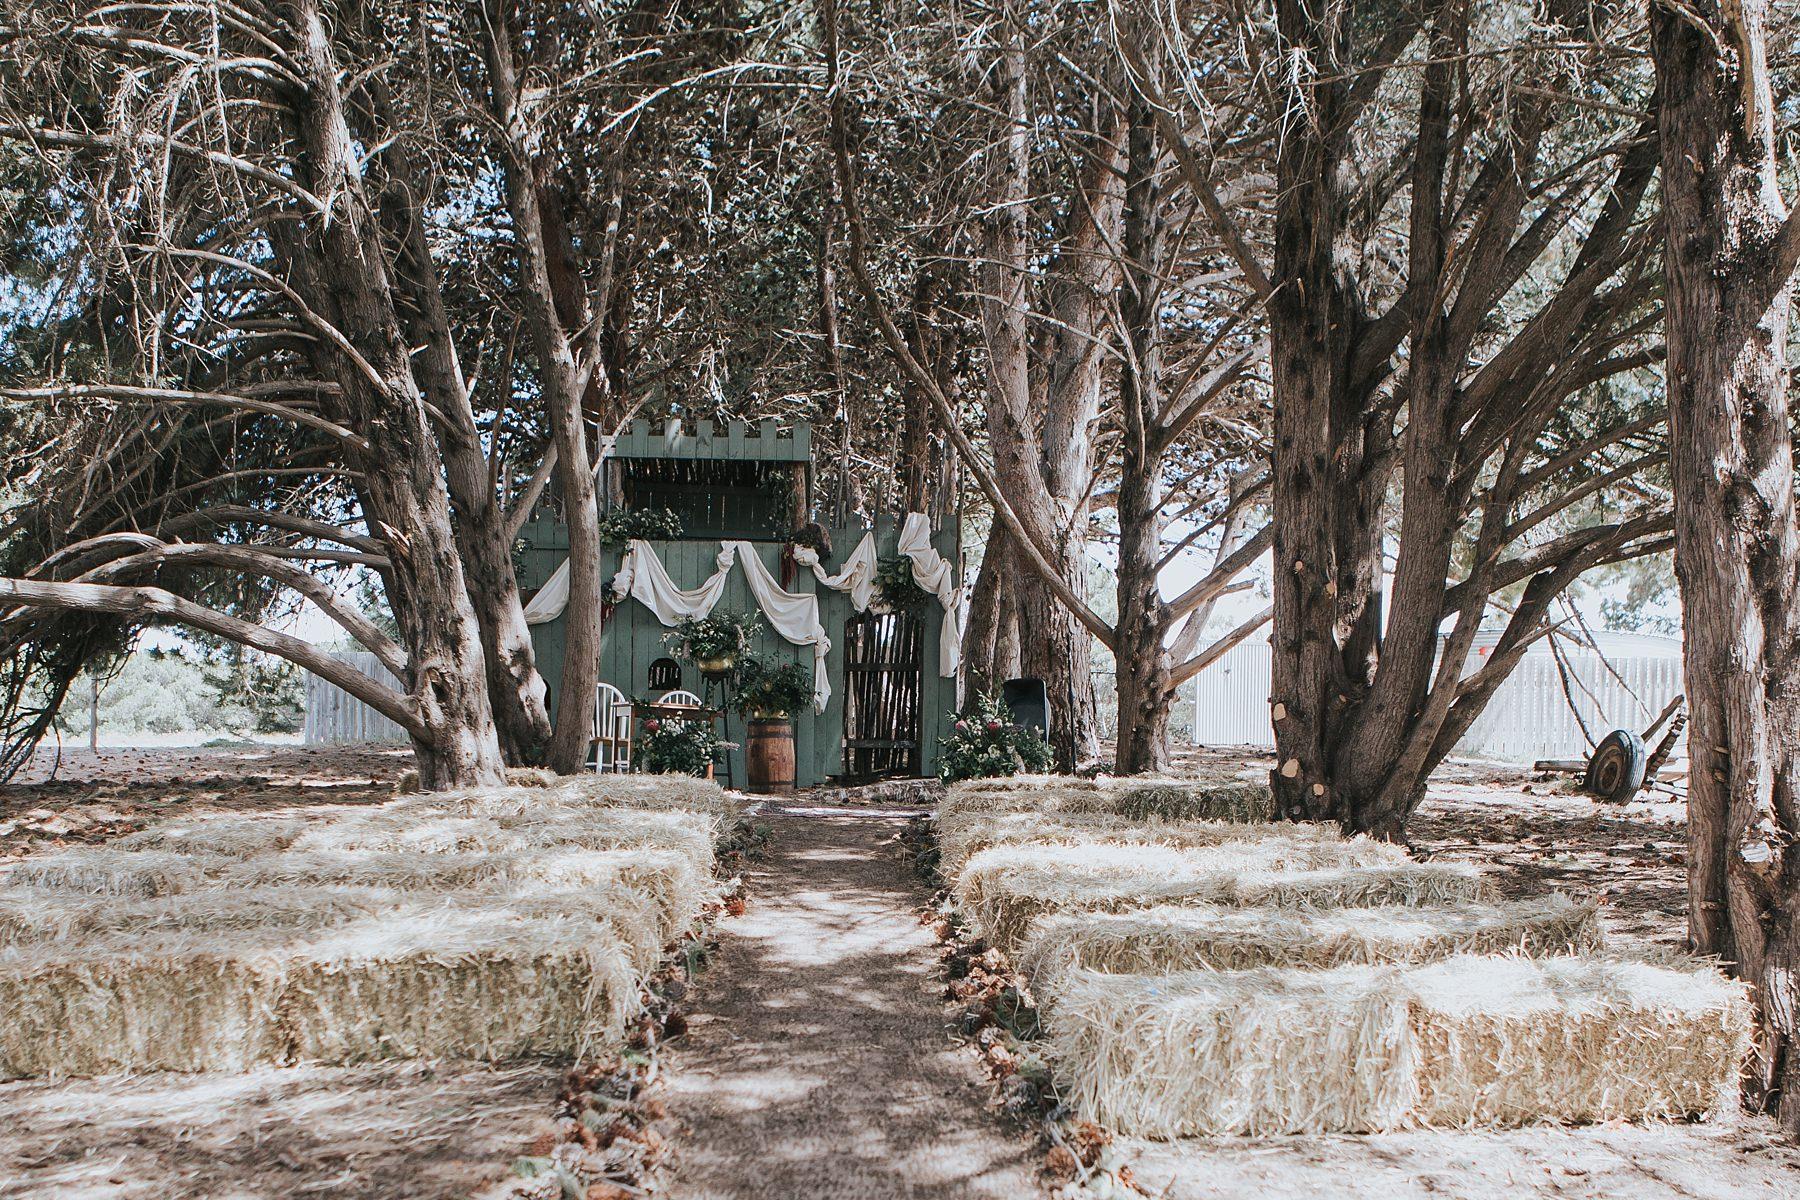 wedding ceremony under the trees